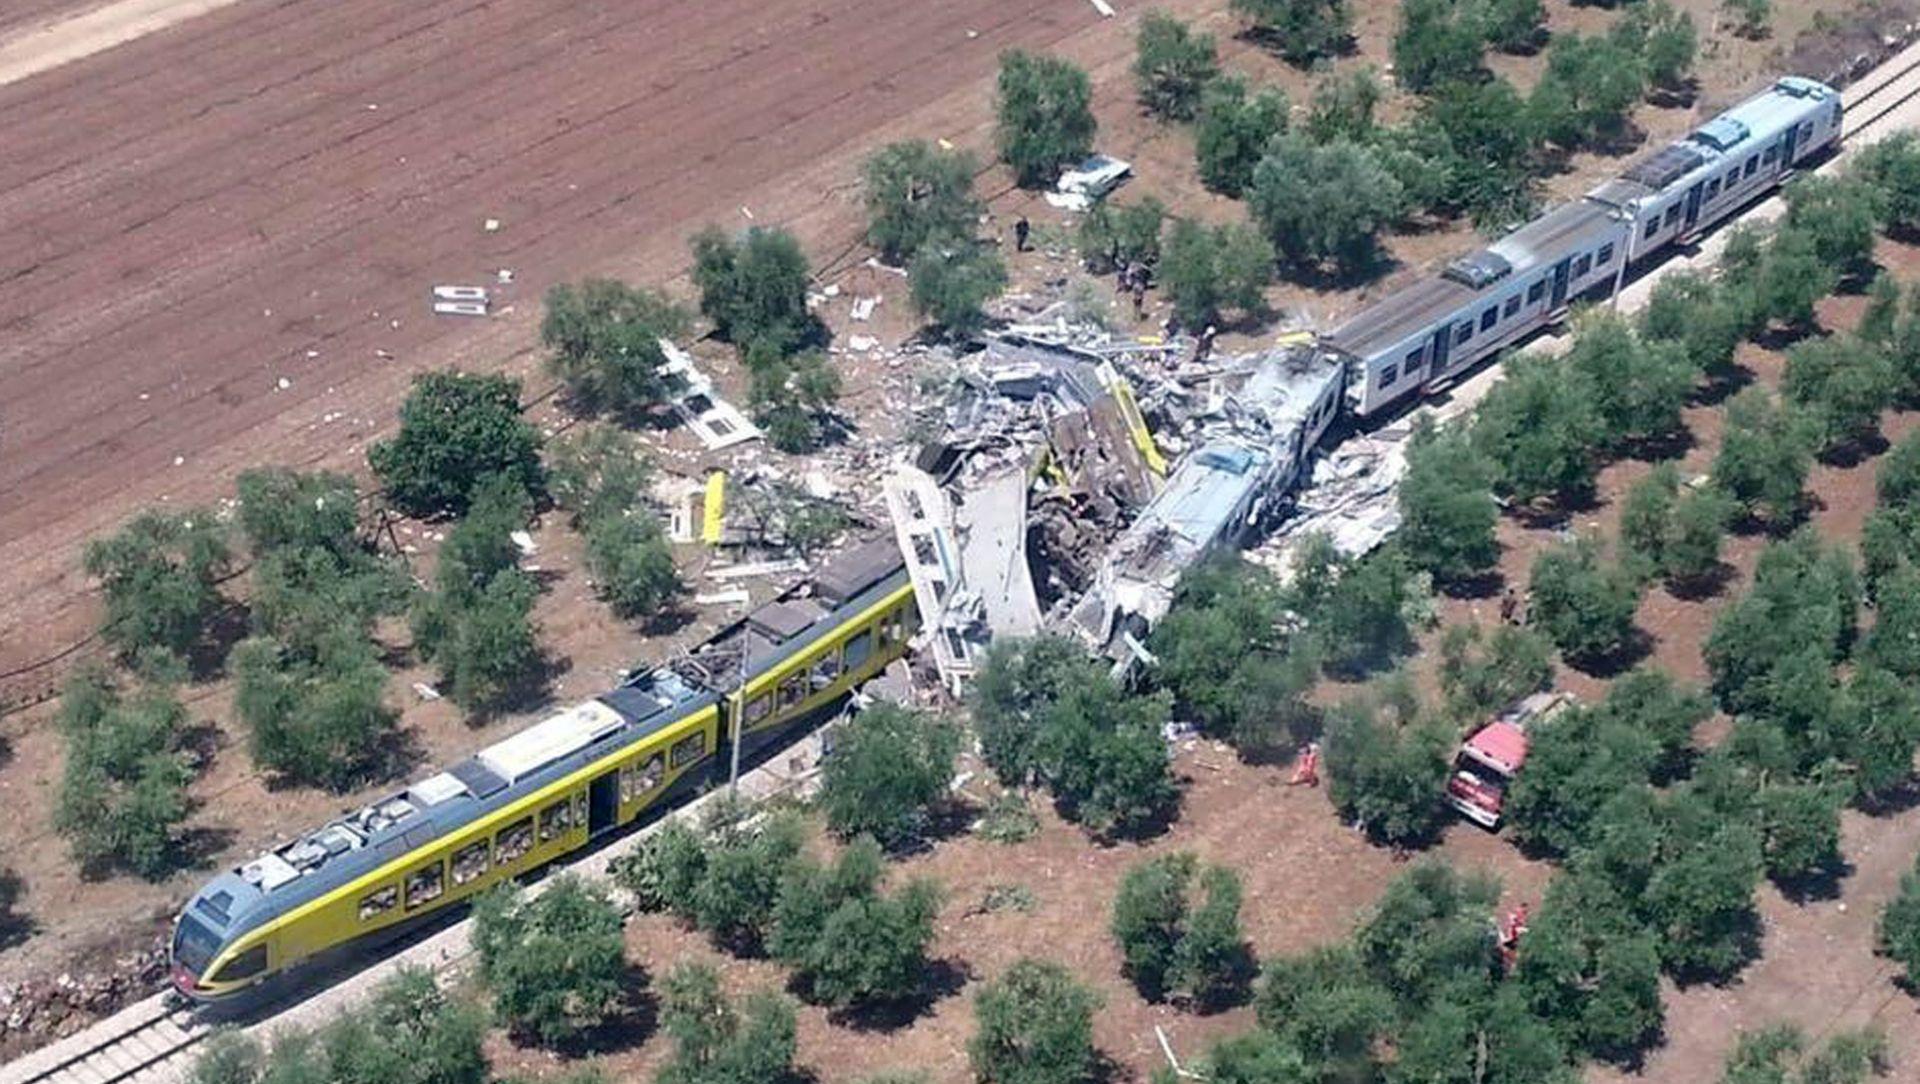 ŽELJEZNIČKA NESREĆA U ITALIJI: 20 mrtvih u sudaru vlakova blizu Barija, deseci ozlijeđenih